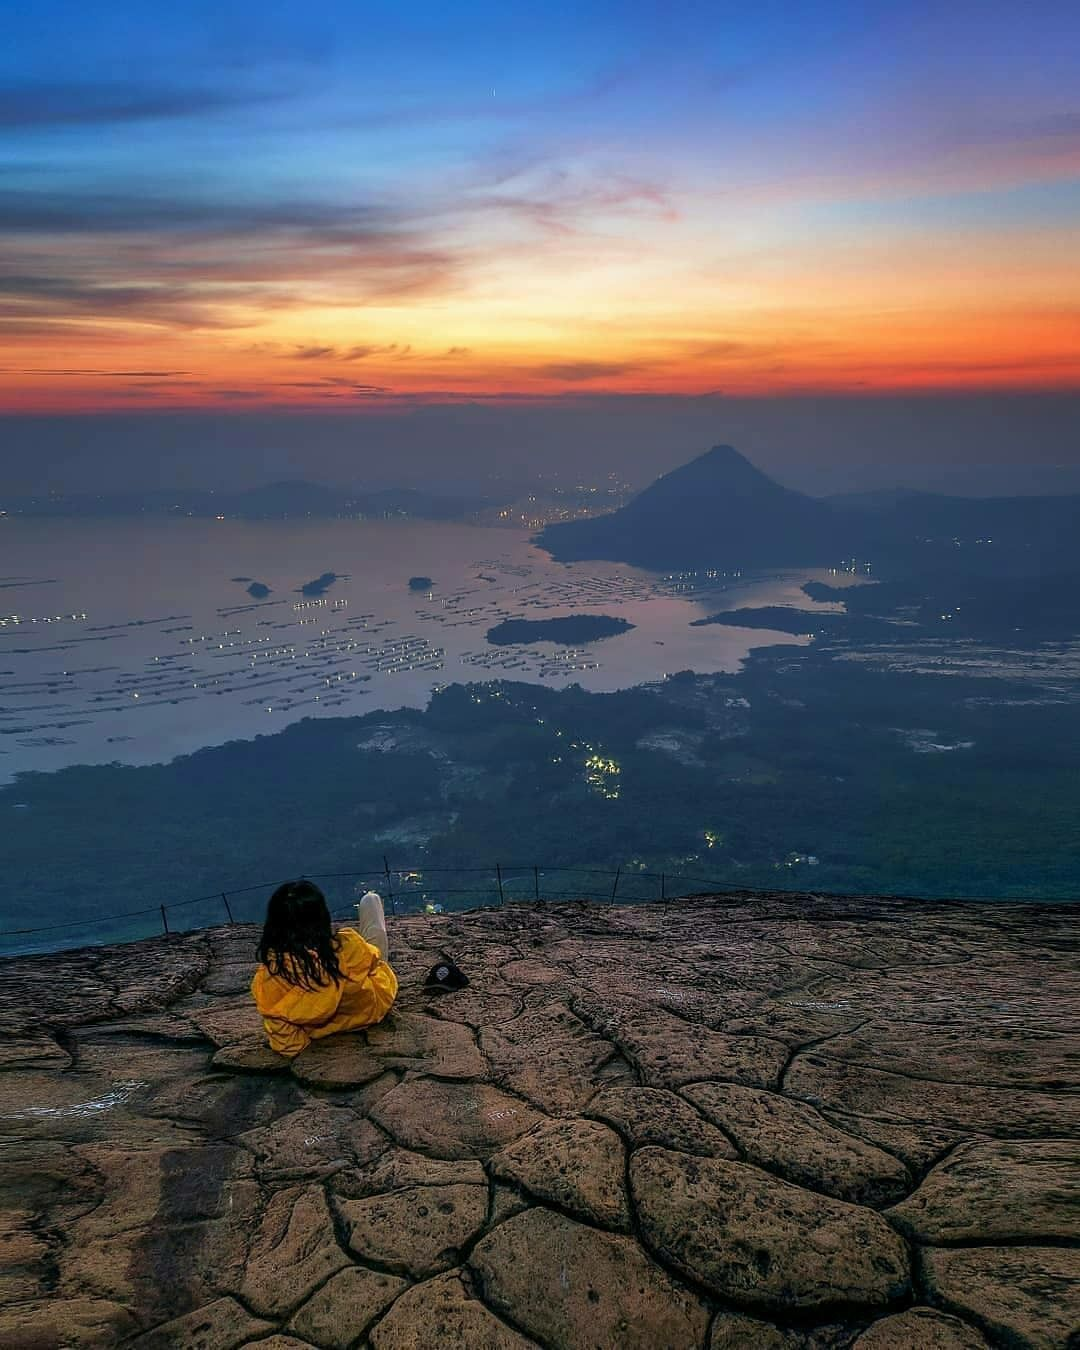 Menunggu Waktu Berbuka Puasa Akan Terasa Nikmat Dengan Suguhan Cantik Pemandangan Waduk Jatilihur Dari Puncak Ketinggian Gunung Pemandangan Fotografi Indonesia